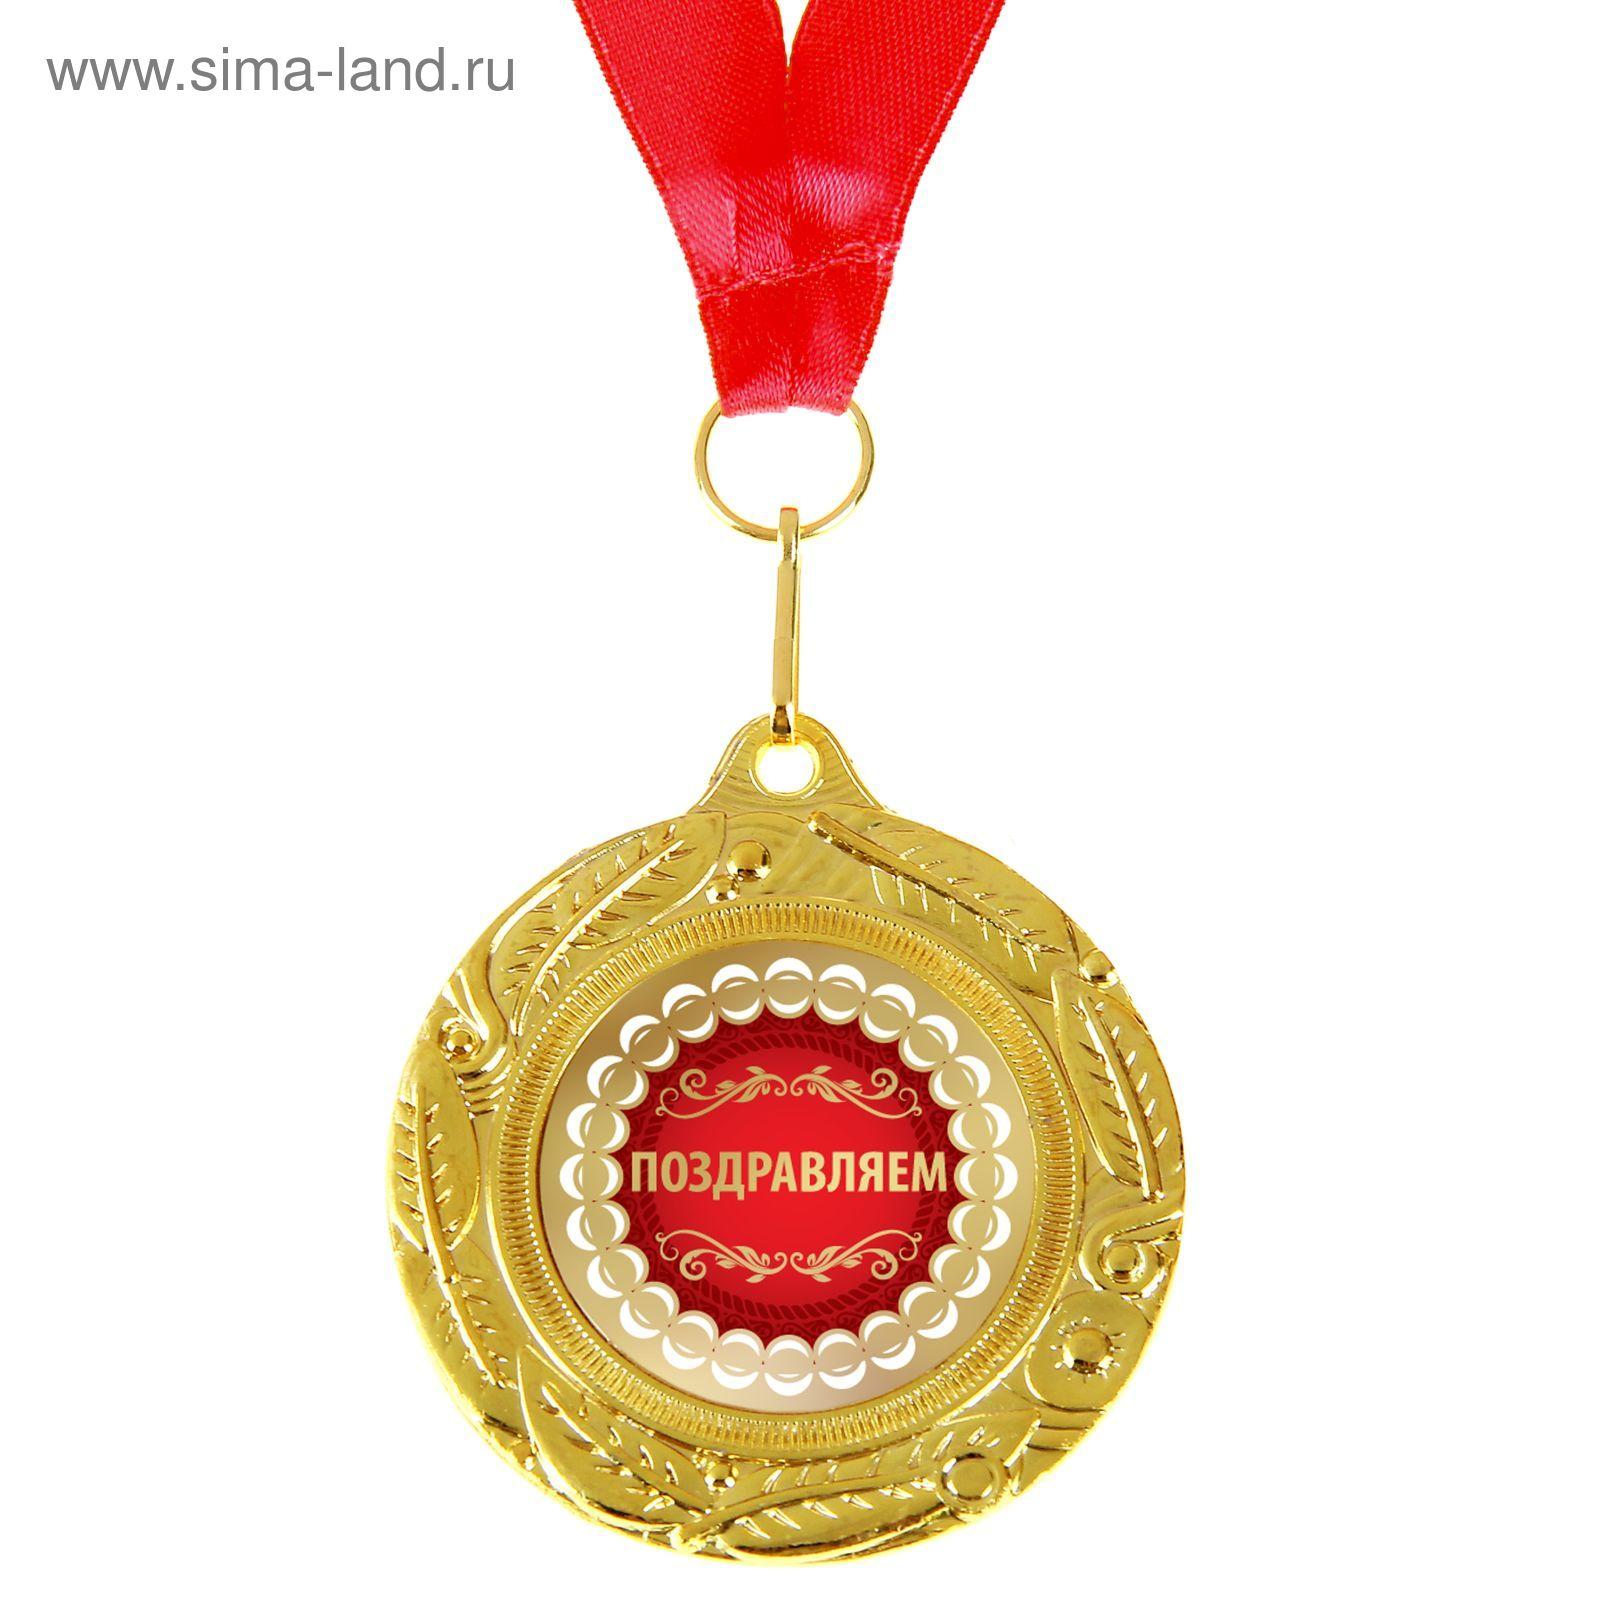 Поздравления медалью